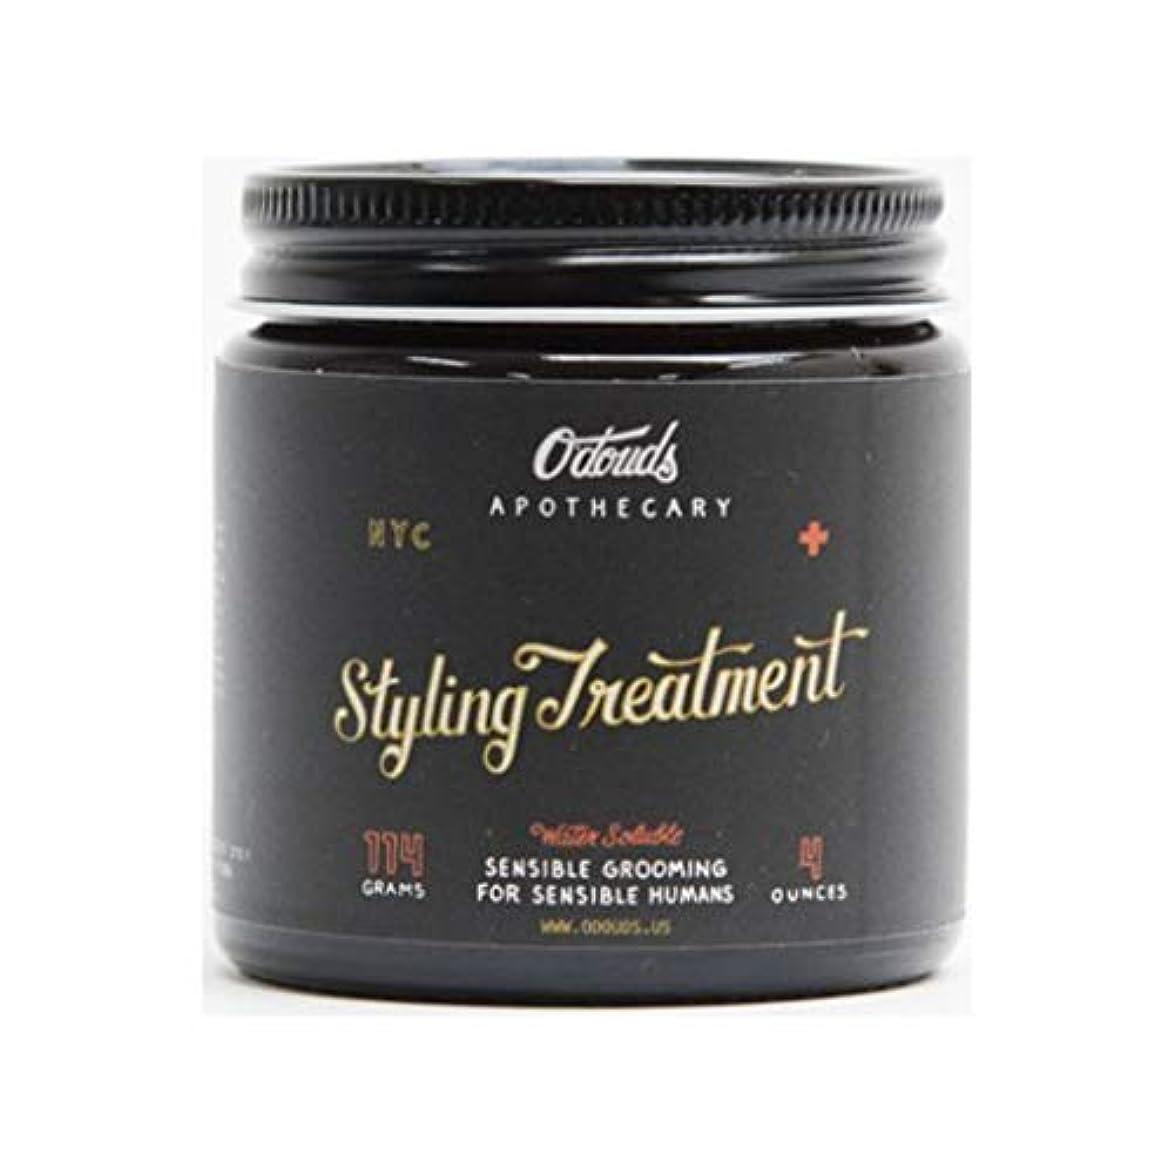 正確な抽出体O'Douds (オダウズ) スタイリングトリートメント STYLING TREATMENT メンズ 整髪料 水性 ポマード ヘアクリーム ヘアオイル ヘアグリース ヘアワックス ナチュラルシャイン ライトホールド ヴィーガン